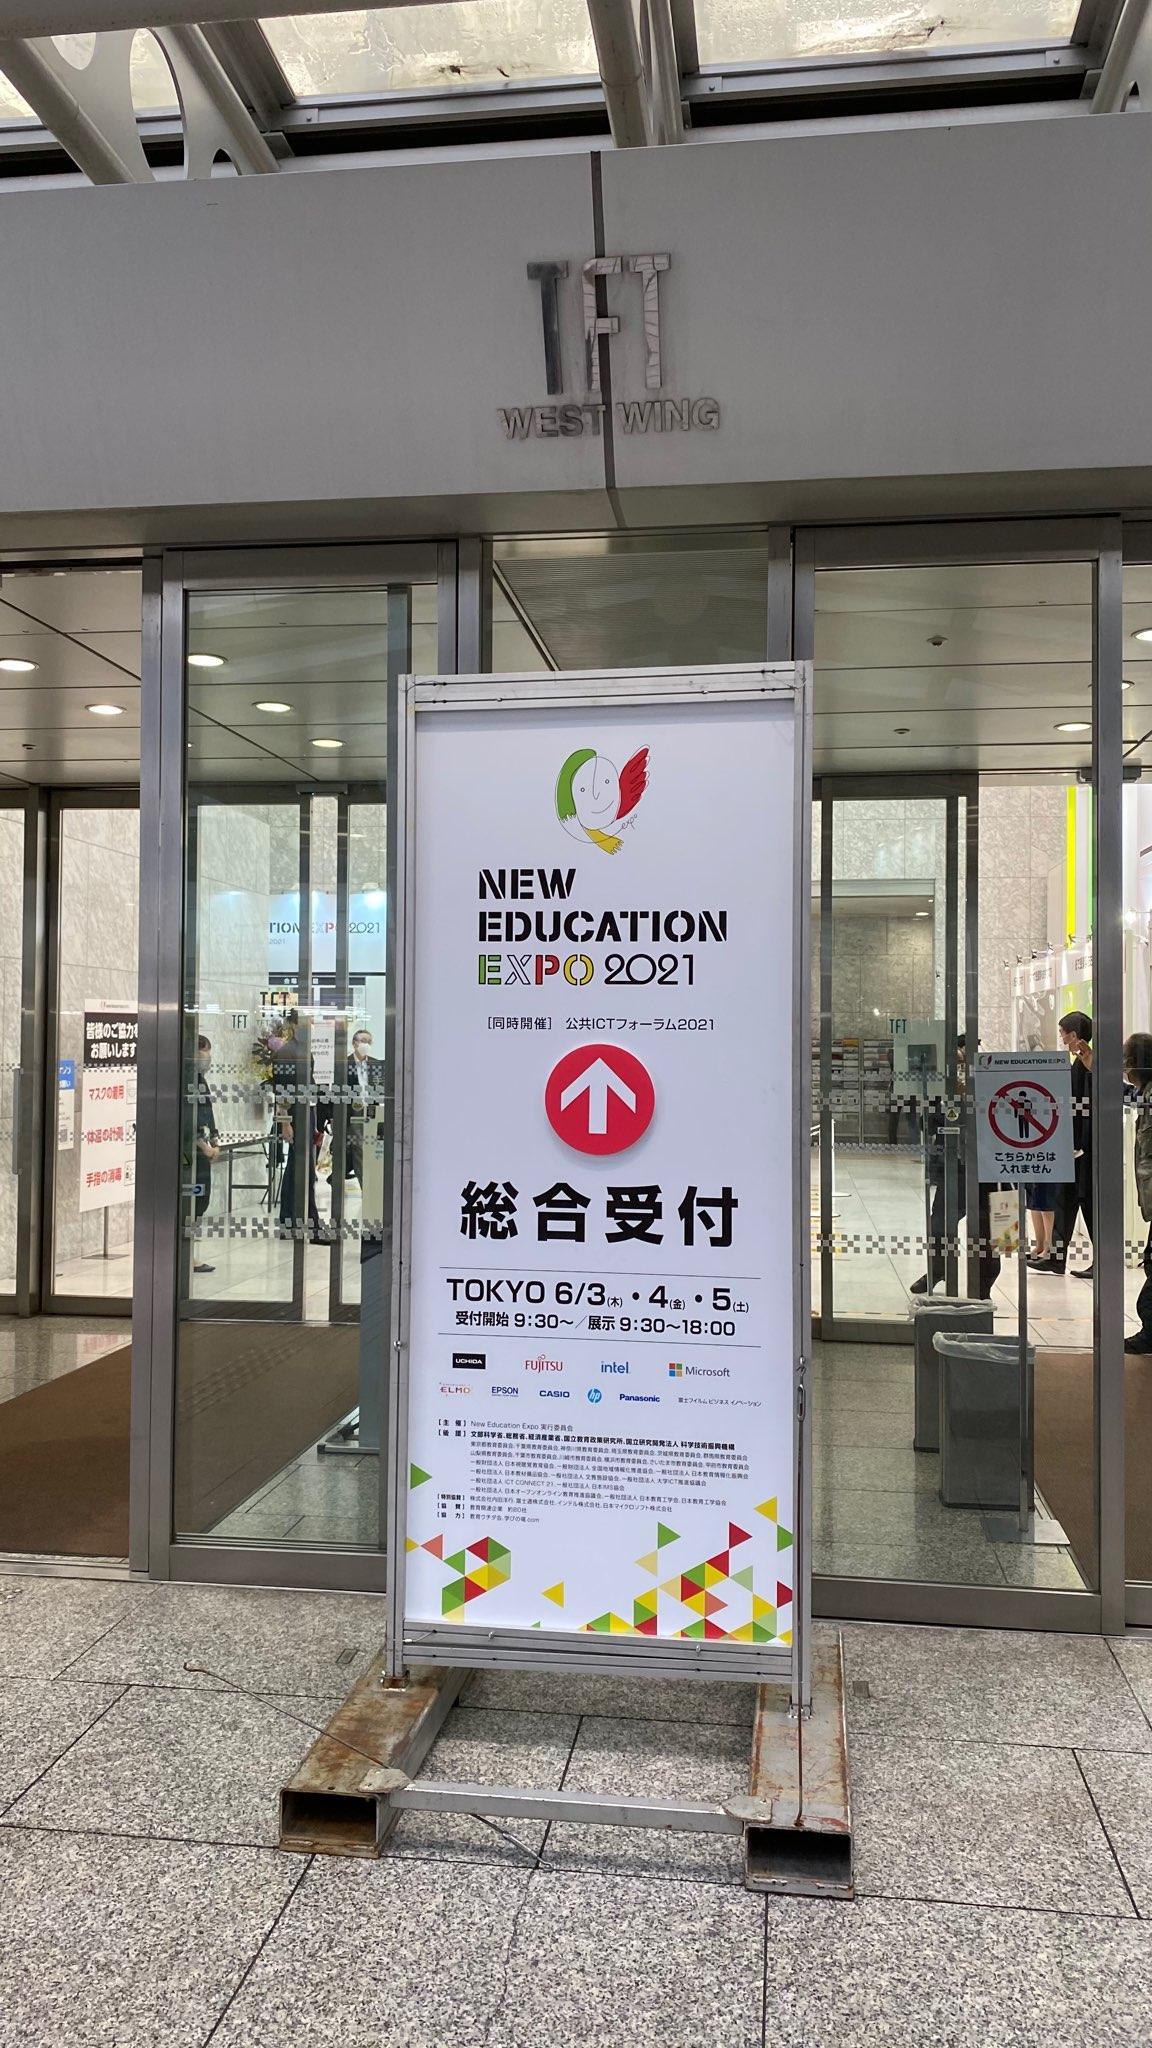 NEW EDUCATION EXPO 2021